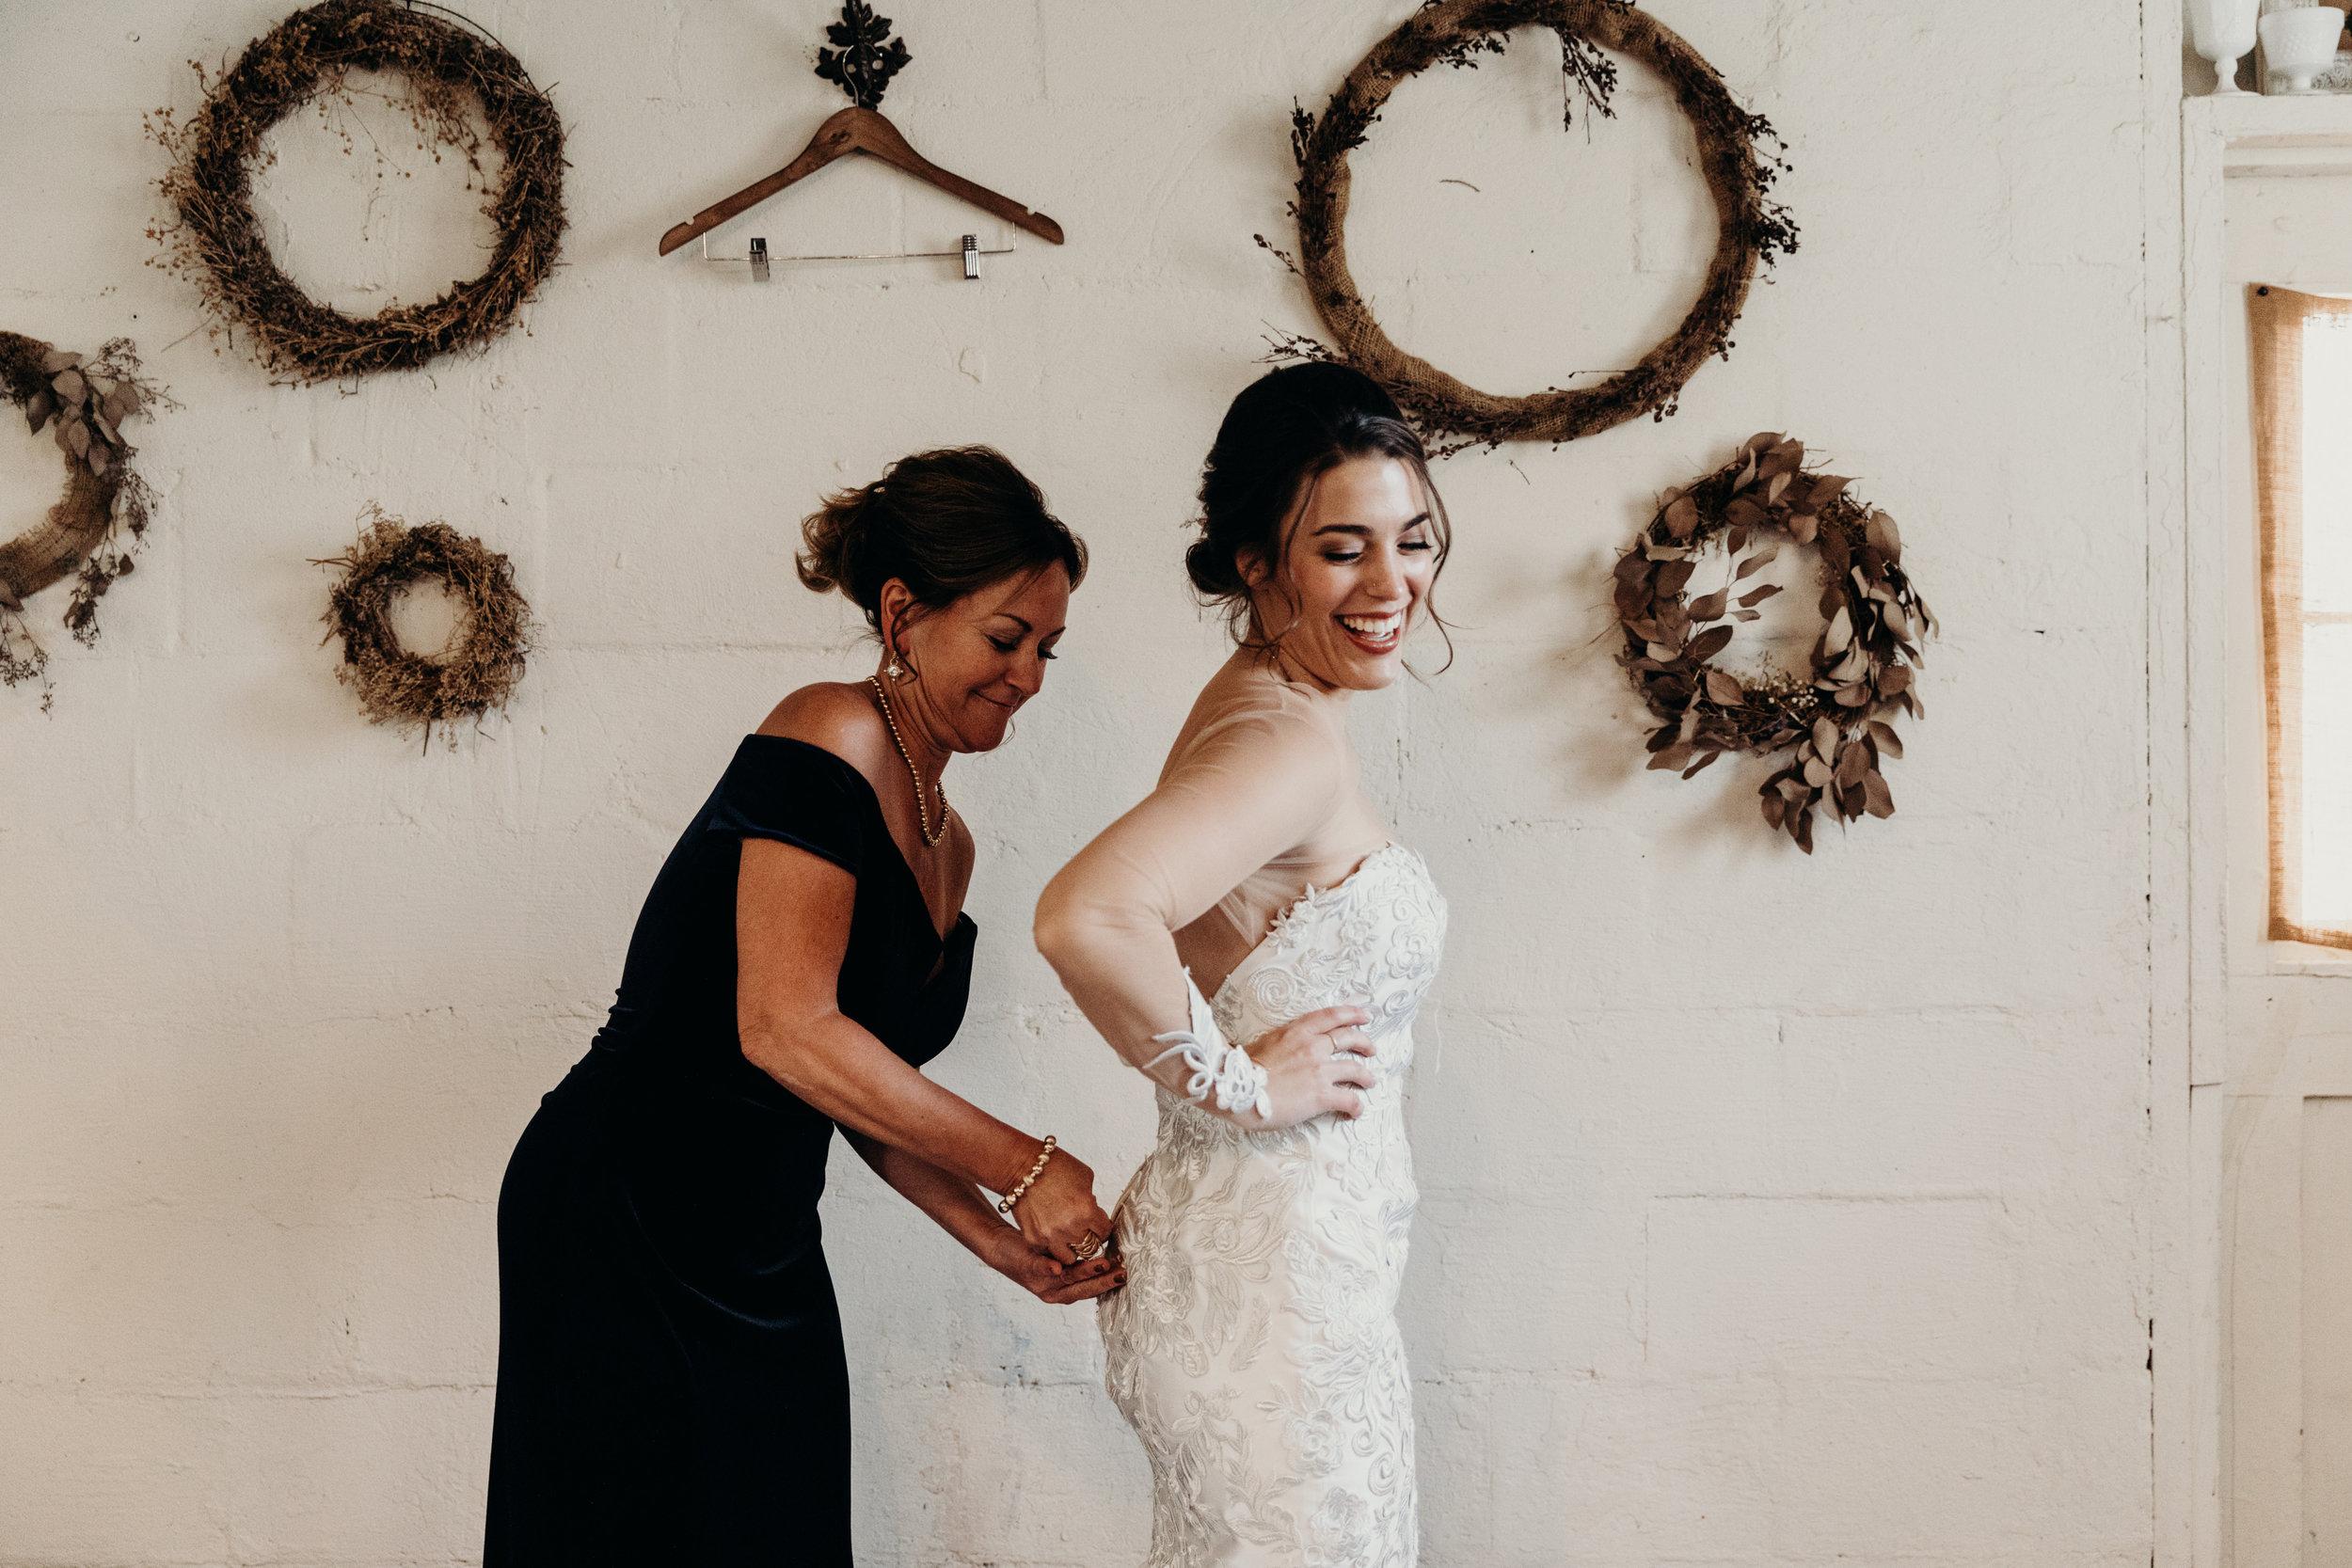 107-ltw-morgan-adam-wedding.jpg